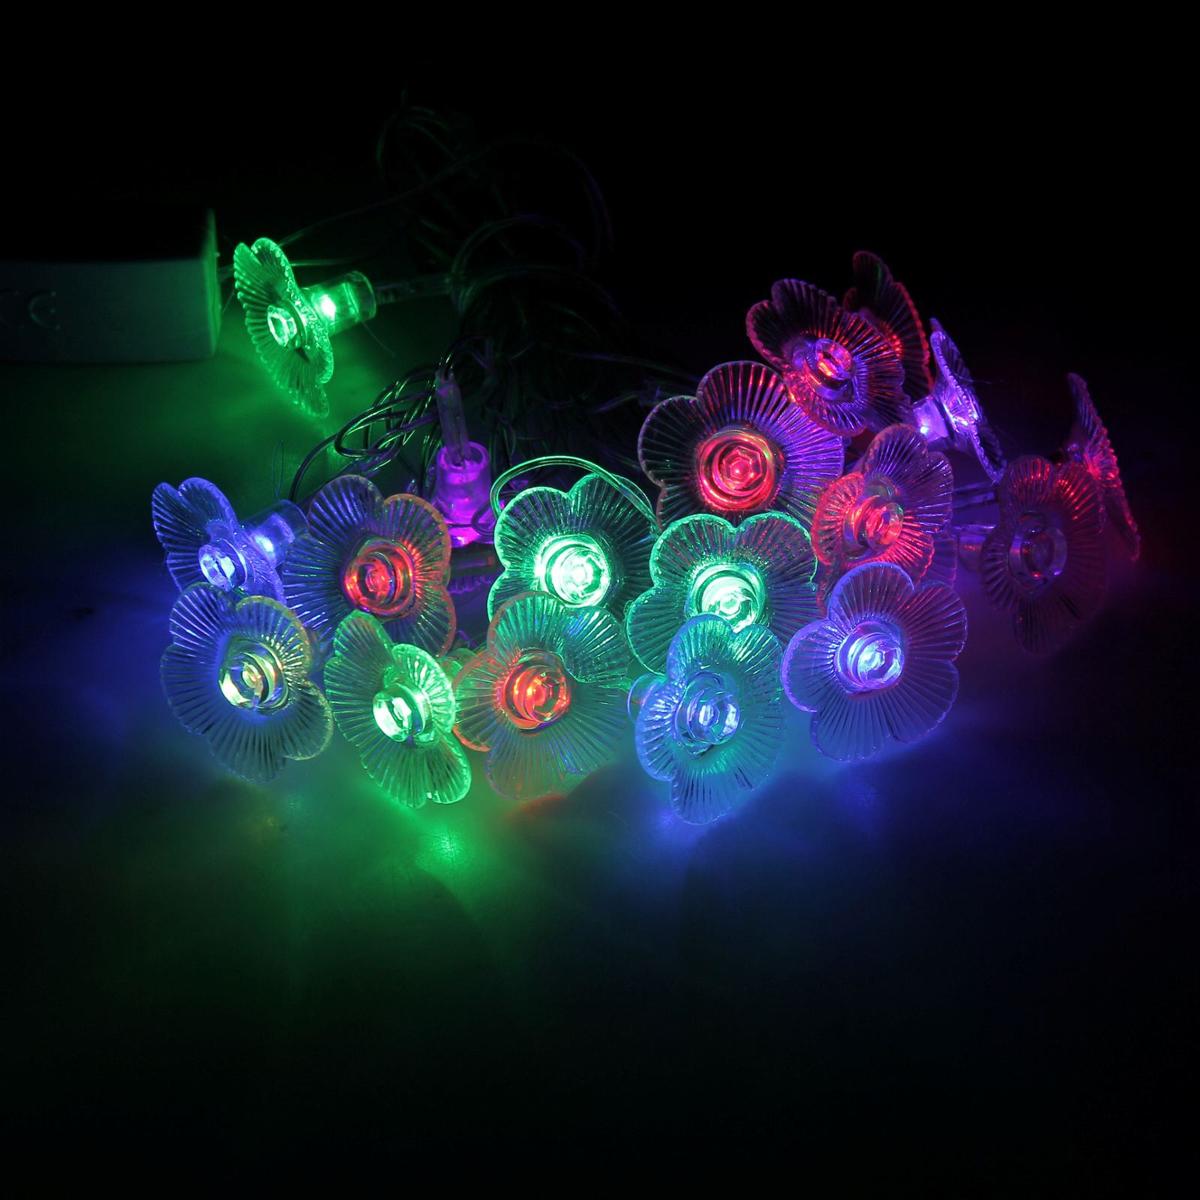 Гирлянда светодиодная Luazon Метраж. Цветы, с насадкой, моргает, 20 ламп, 220 V, 5 м, цвет: мультиколор. 185506185506Светодиодные гирлянды, ленты и т.д. — это отличный вариант для новогоднего оформления интерьера или фасада. С их помощью помещение любого размера можно превратить в праздничный зал, а внешние элементы зданий, украшенные ими, мгновенно станут напоминать очертания сказочного дворца. Такие украшения создают ауру предвкушения чуда. Деревья, фасады, витрины, окна и арки будто специально созданы, чтобы вы украсили их светящимися нитями.